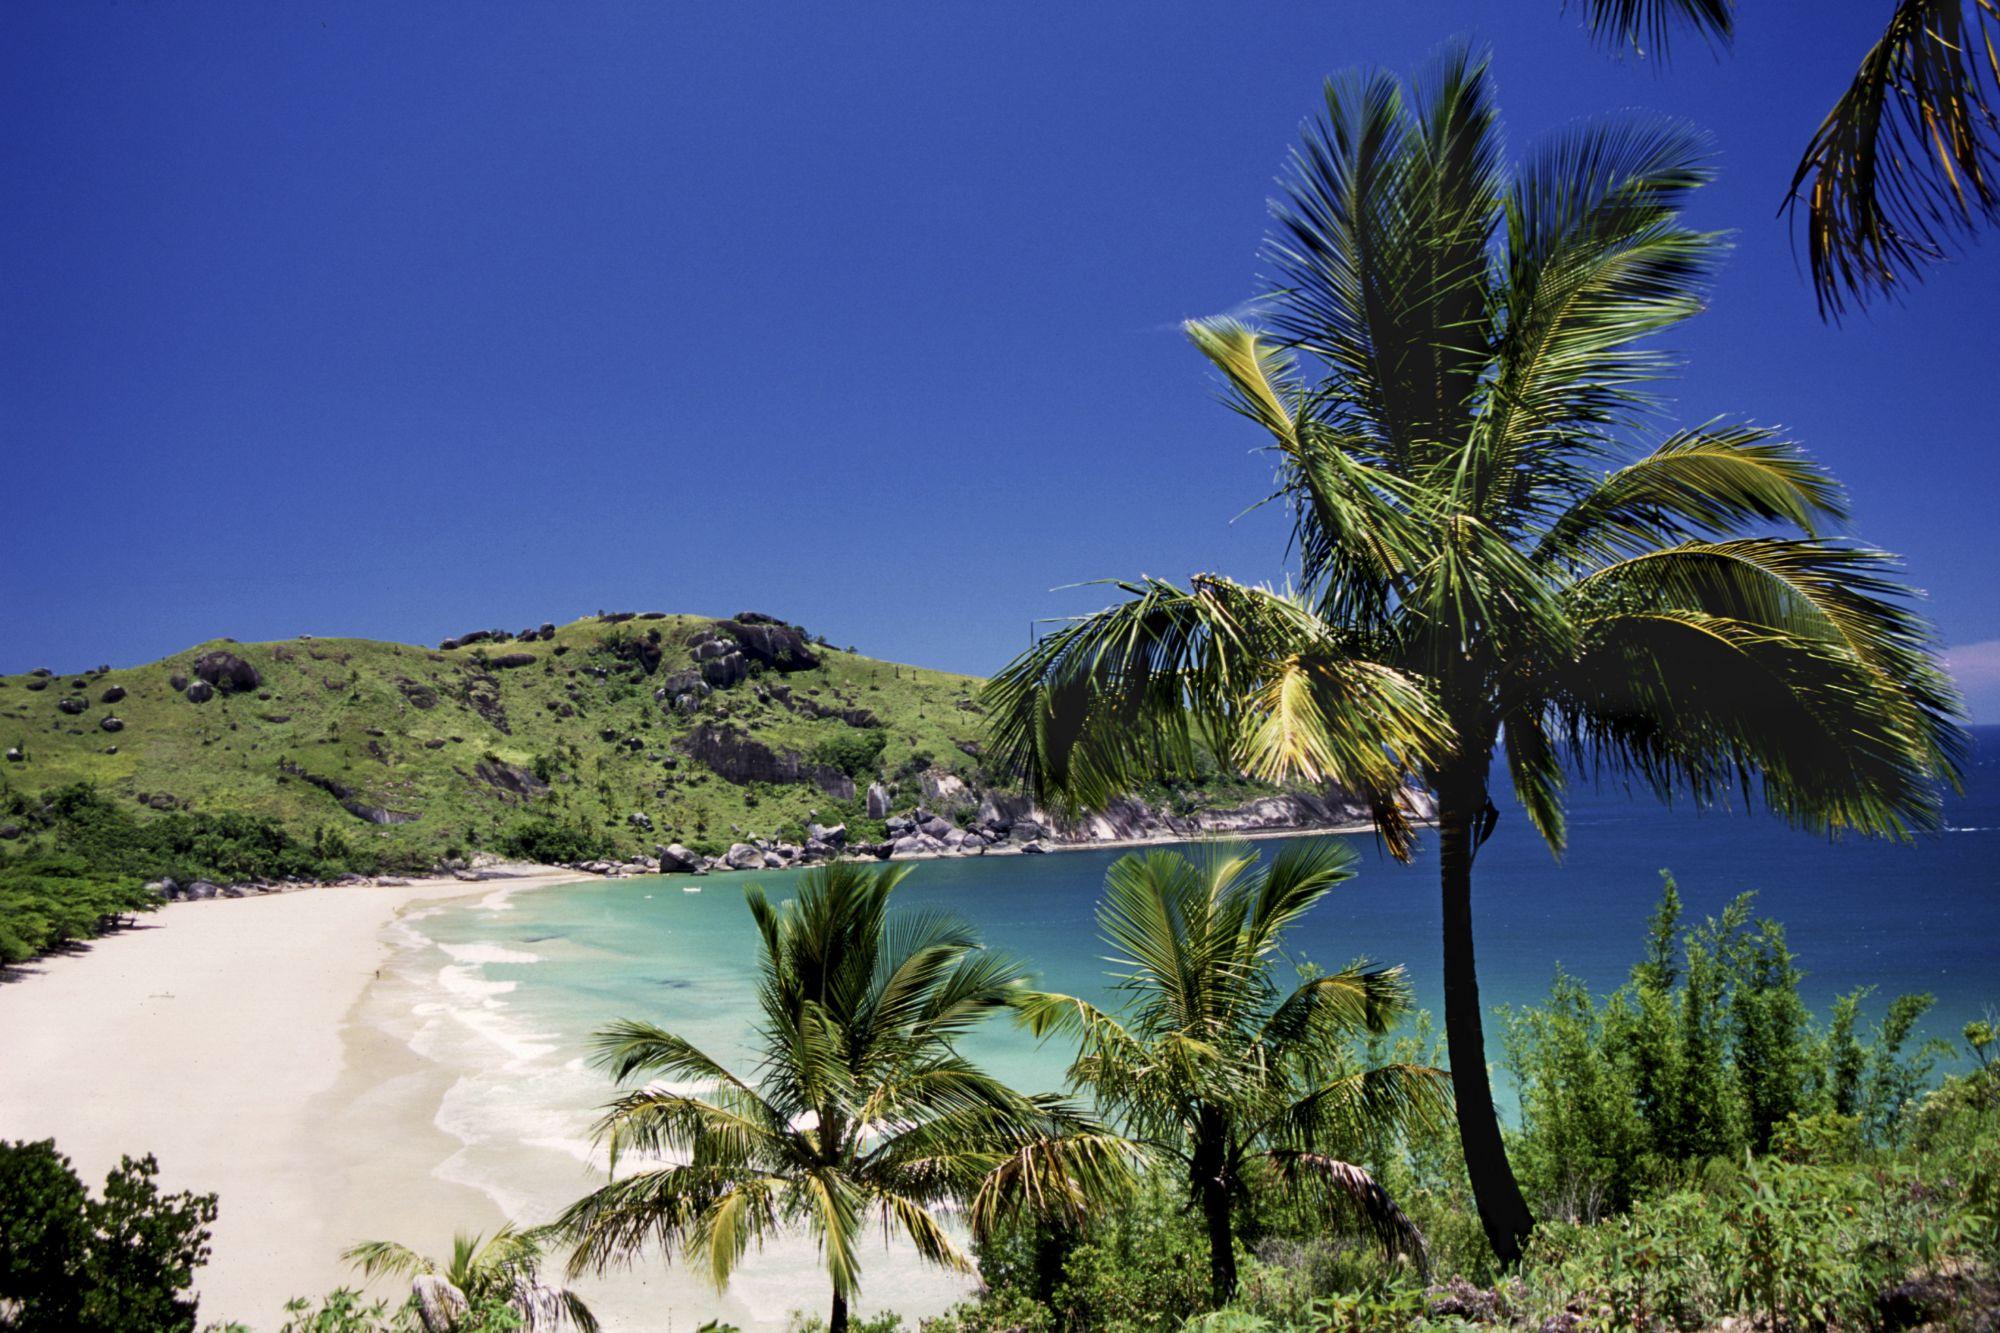 Conheça as principais praias do litoral paulista